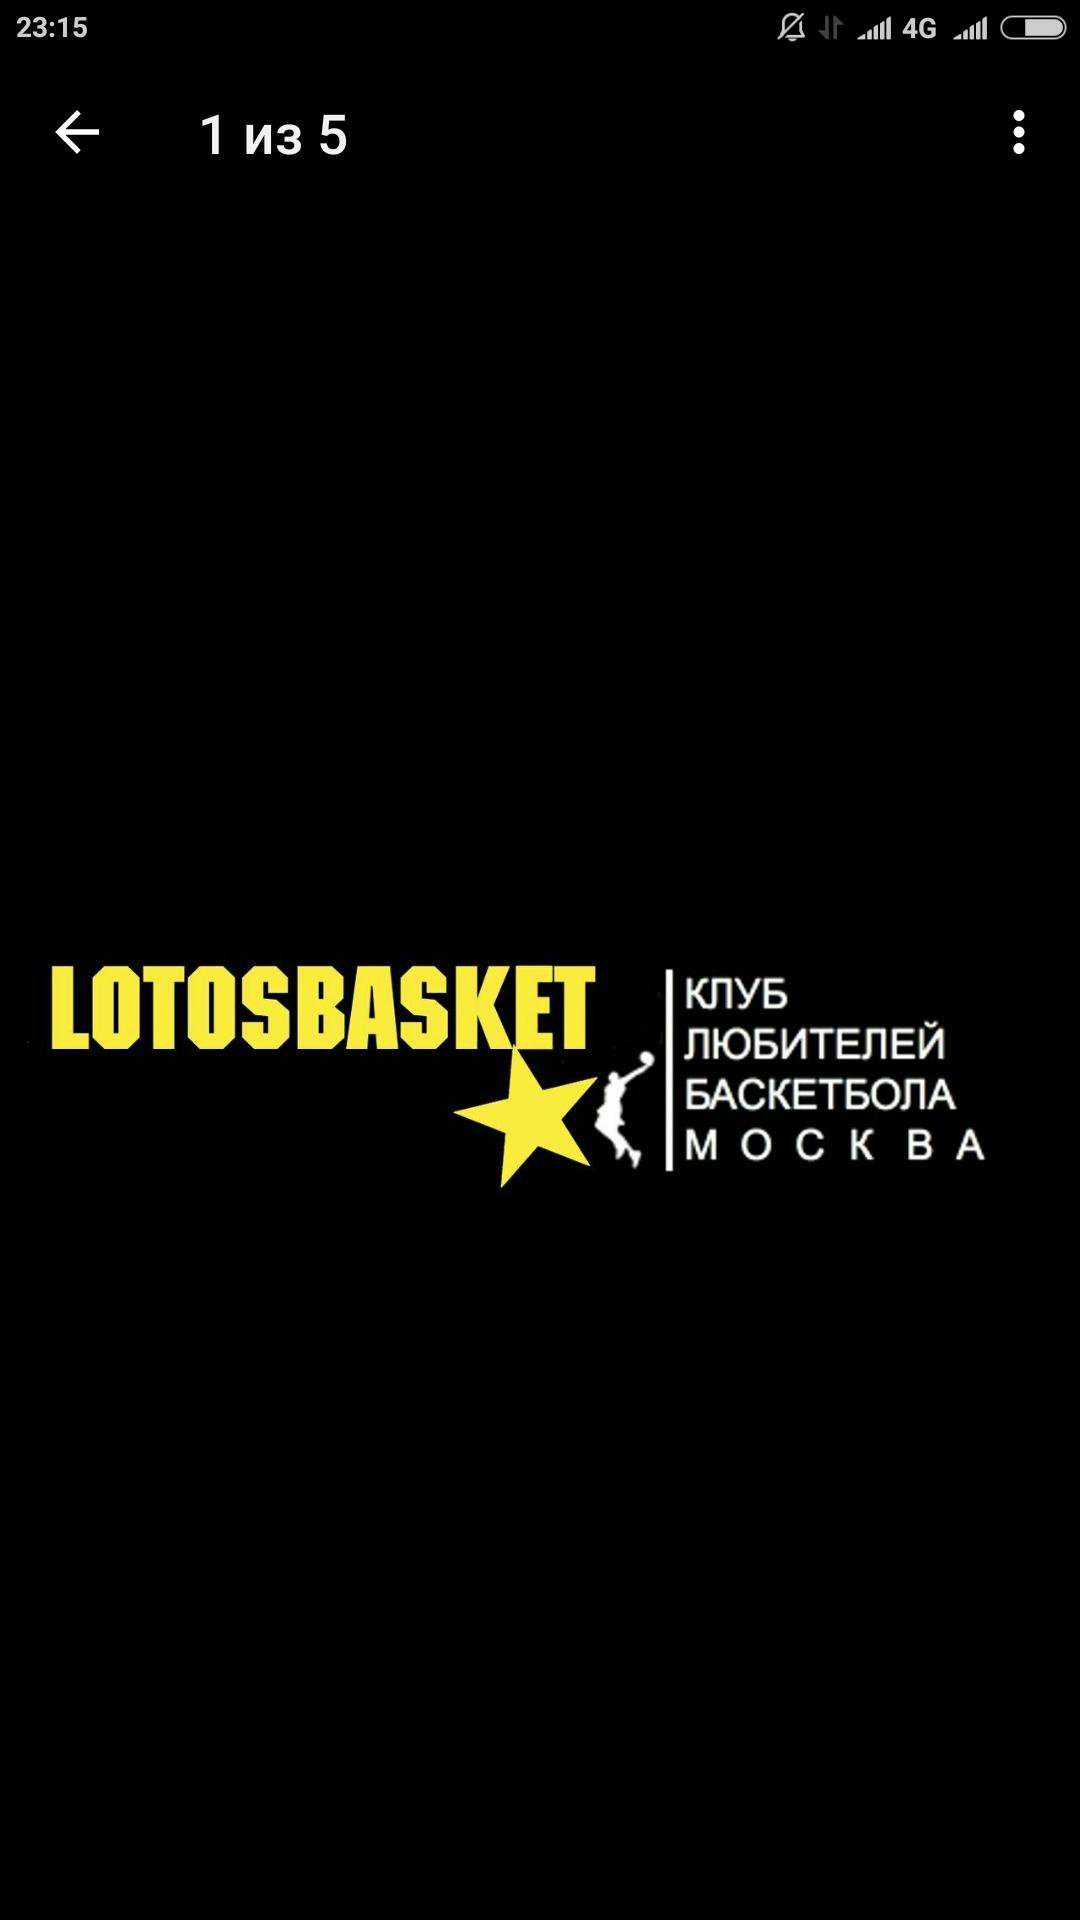 Поиграть баскетбол в Москве. БАСКЕТ ДЛЯ ВСЕХ